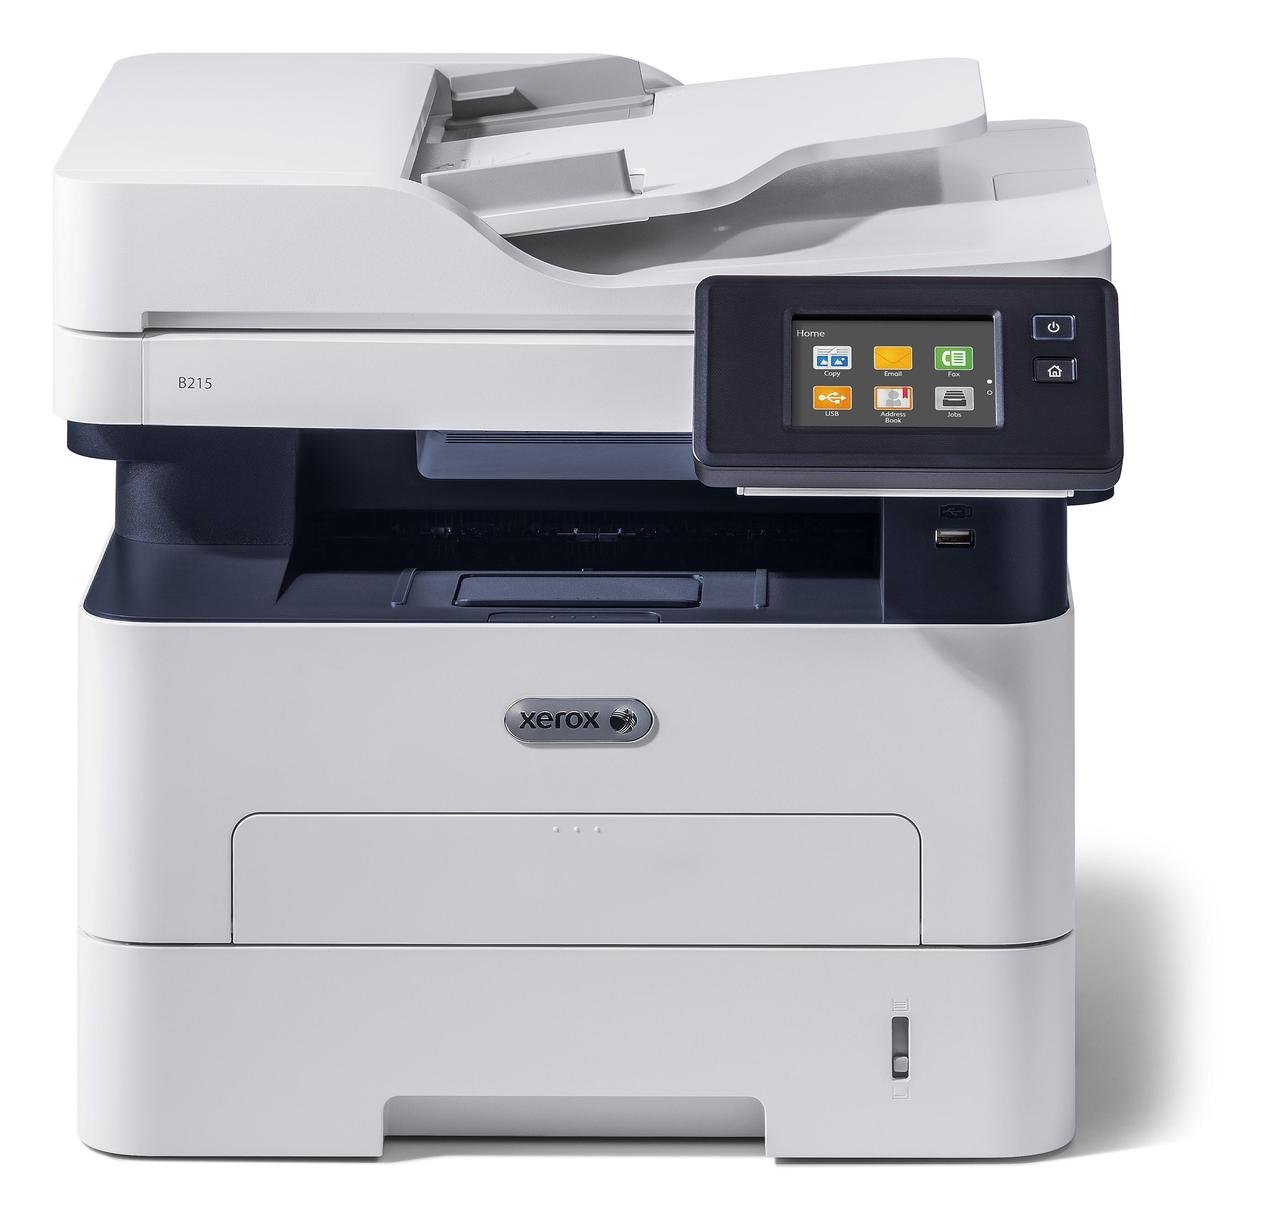 Багатофункціональний лазерний пристрій А4 ч/б Xerox B215 (Wi-Fi)